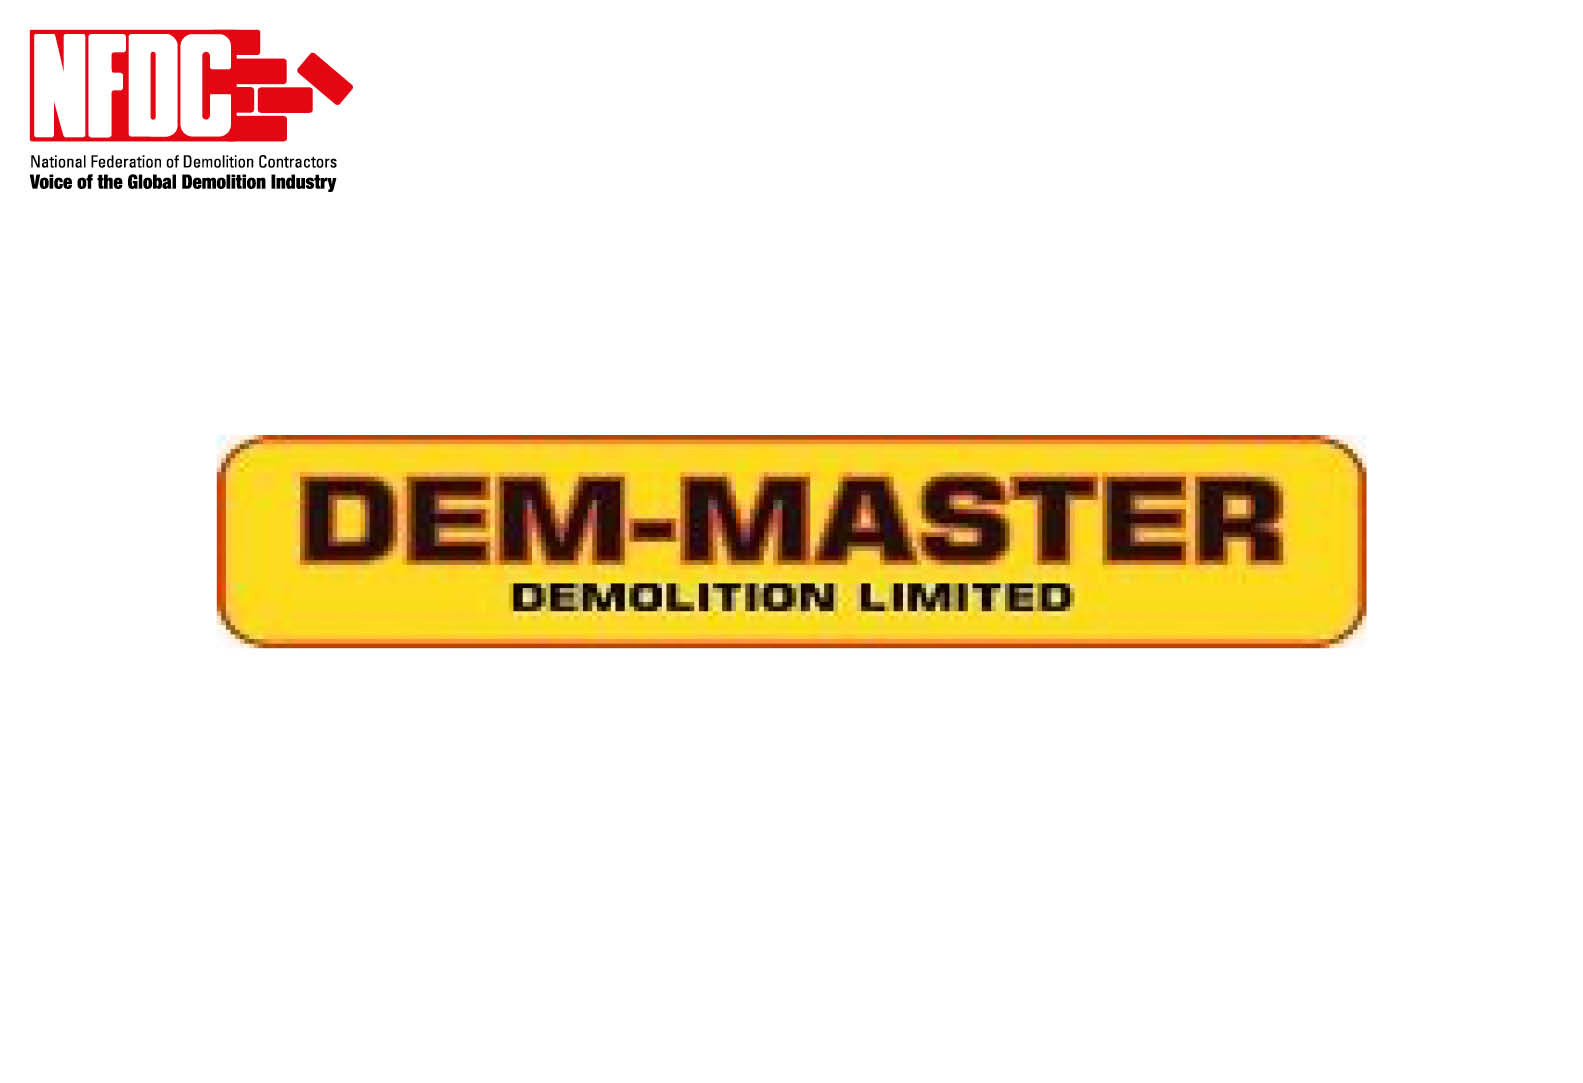 Dem-Master Demolition